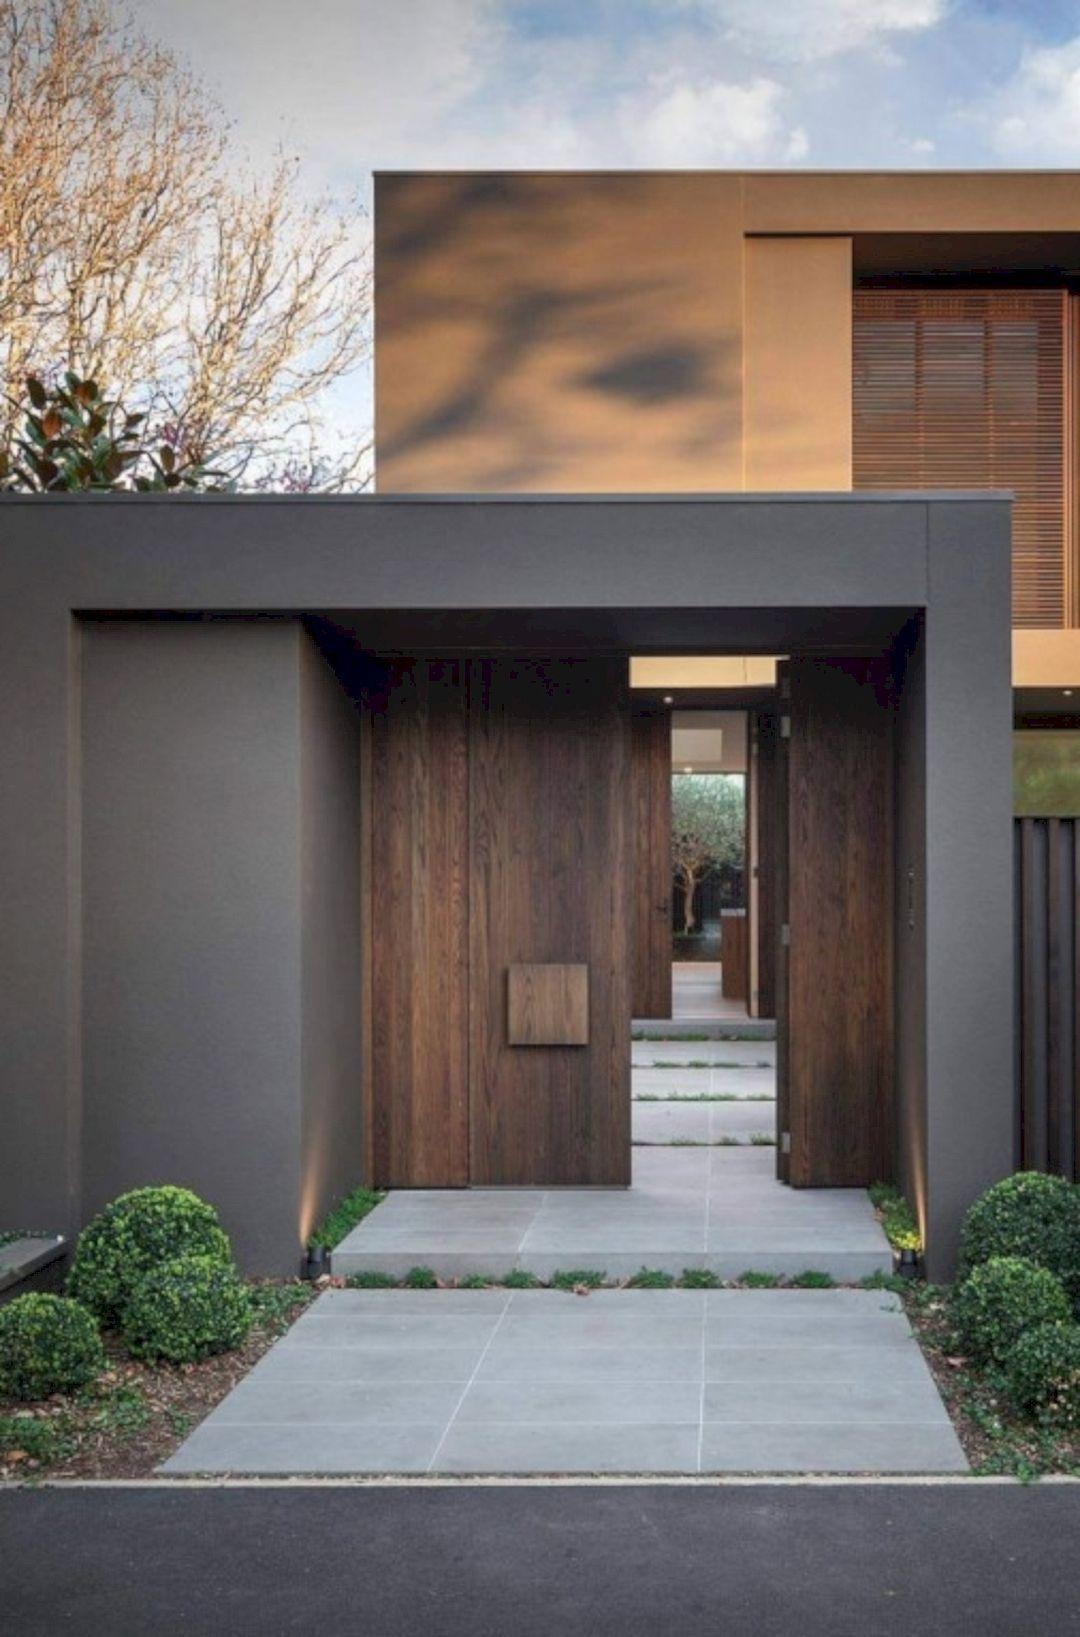 10 Amazing Modern House Designs Facade House Exterior House